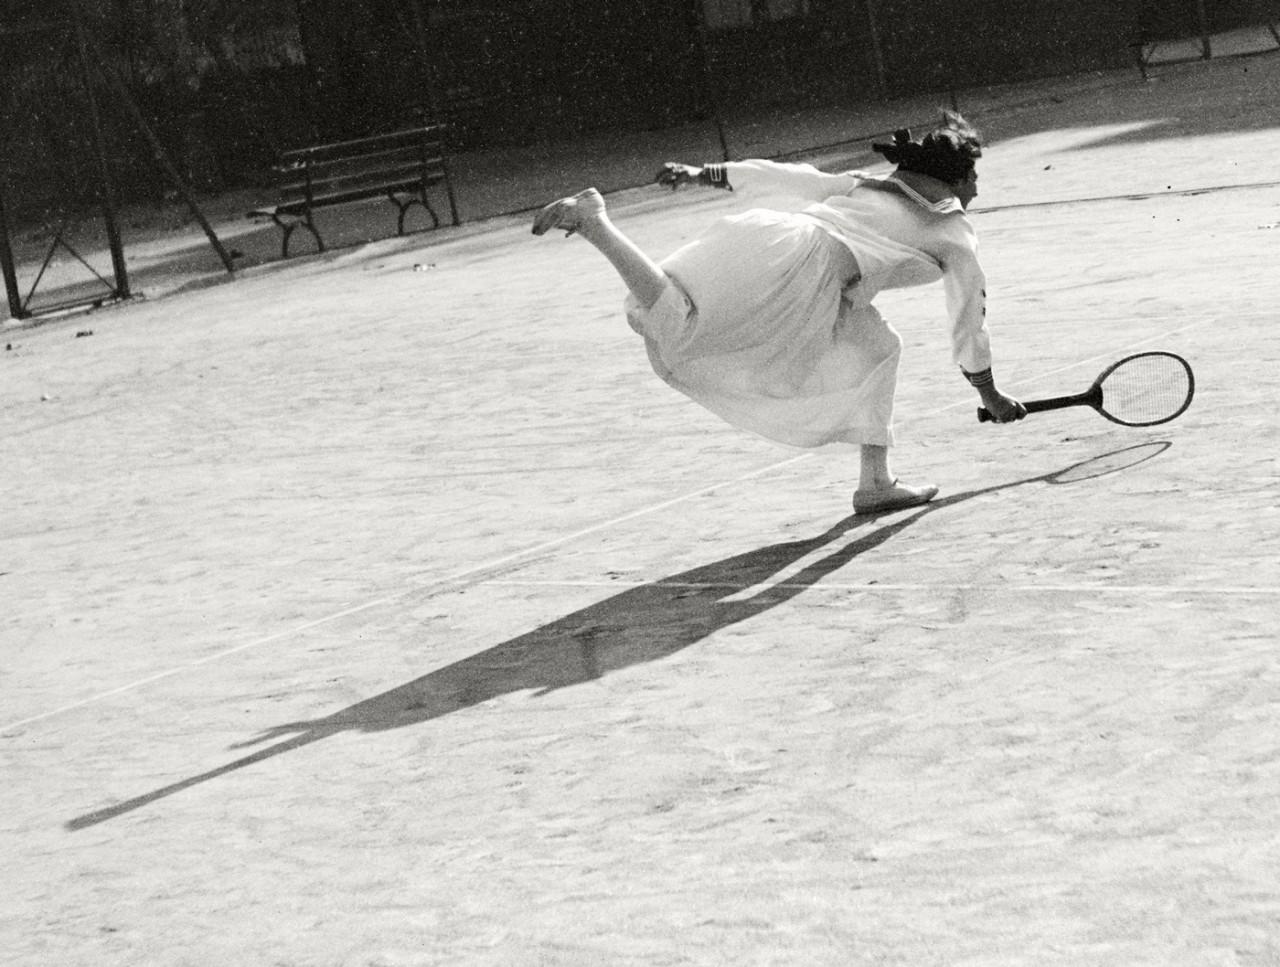 Тренировка Сюзанны Ленглен, Ницца, 1915. Фотограф Жак Анри Лартиг